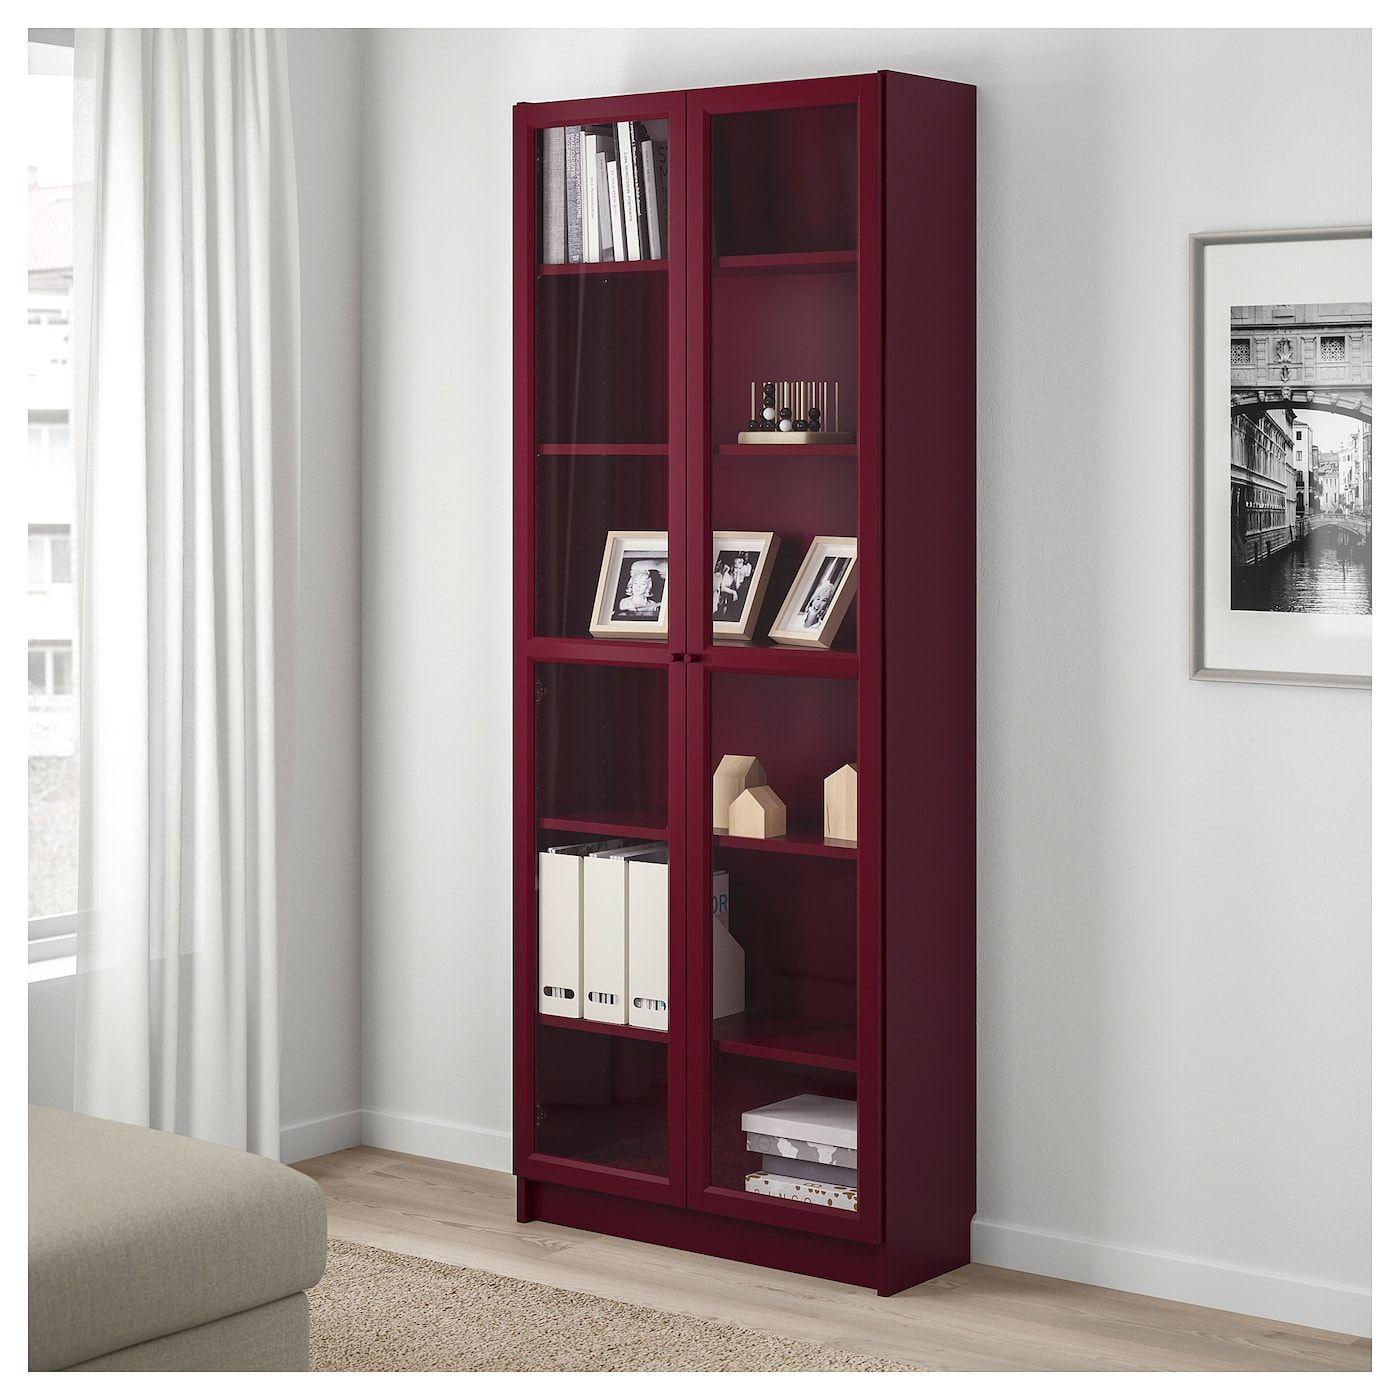 Wohnzimmer Bücherregal Mit Türen